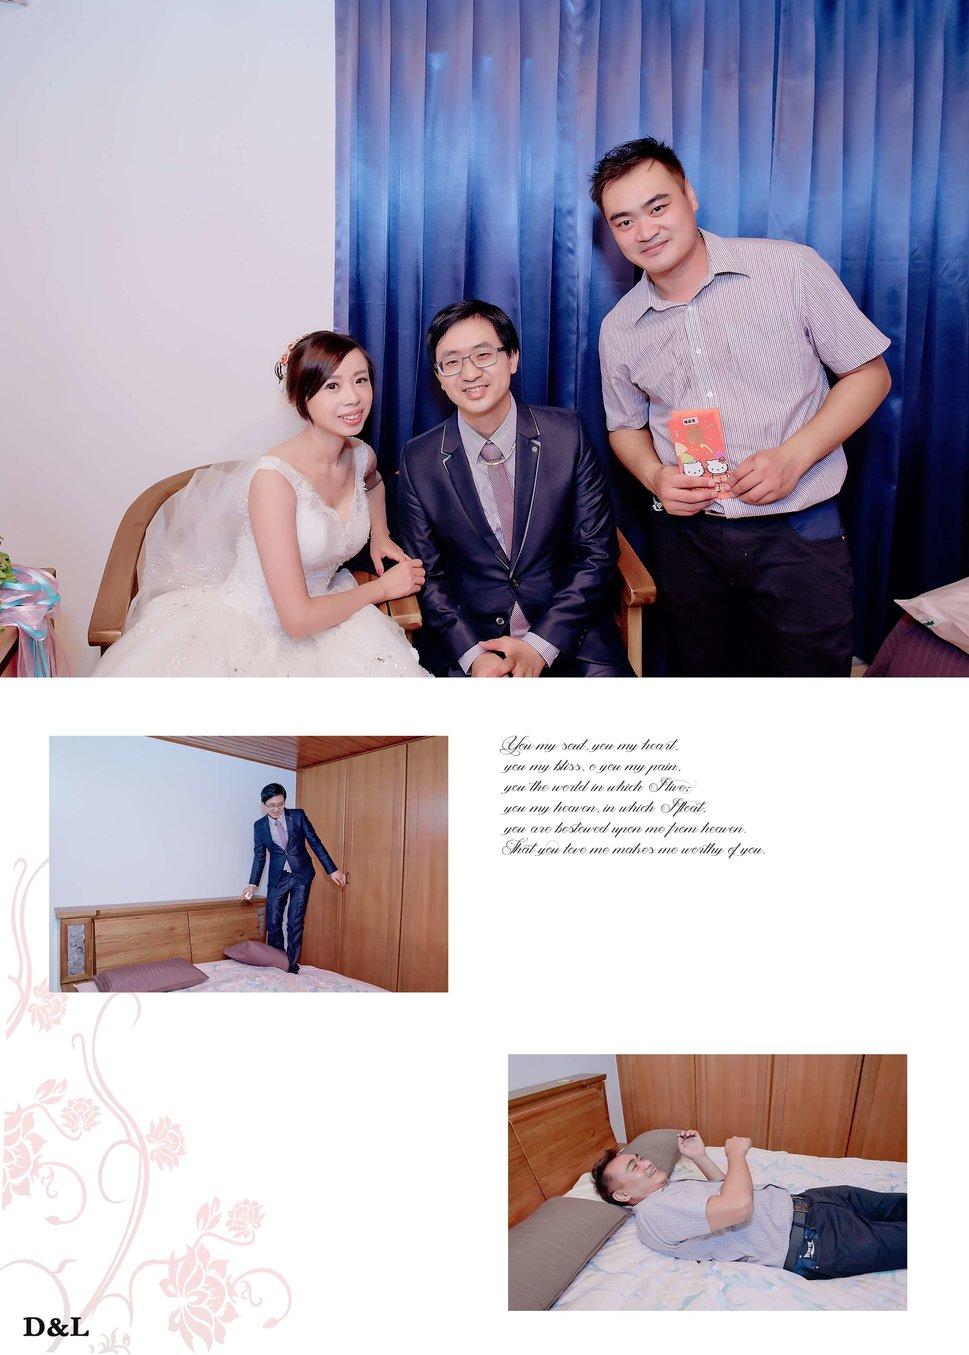 婚禮記錄 維信&佩君(編號:374402) - D&L 婚禮事務-婚紗攝影/婚禮記錄 - 結婚吧一站式婚禮服務平台